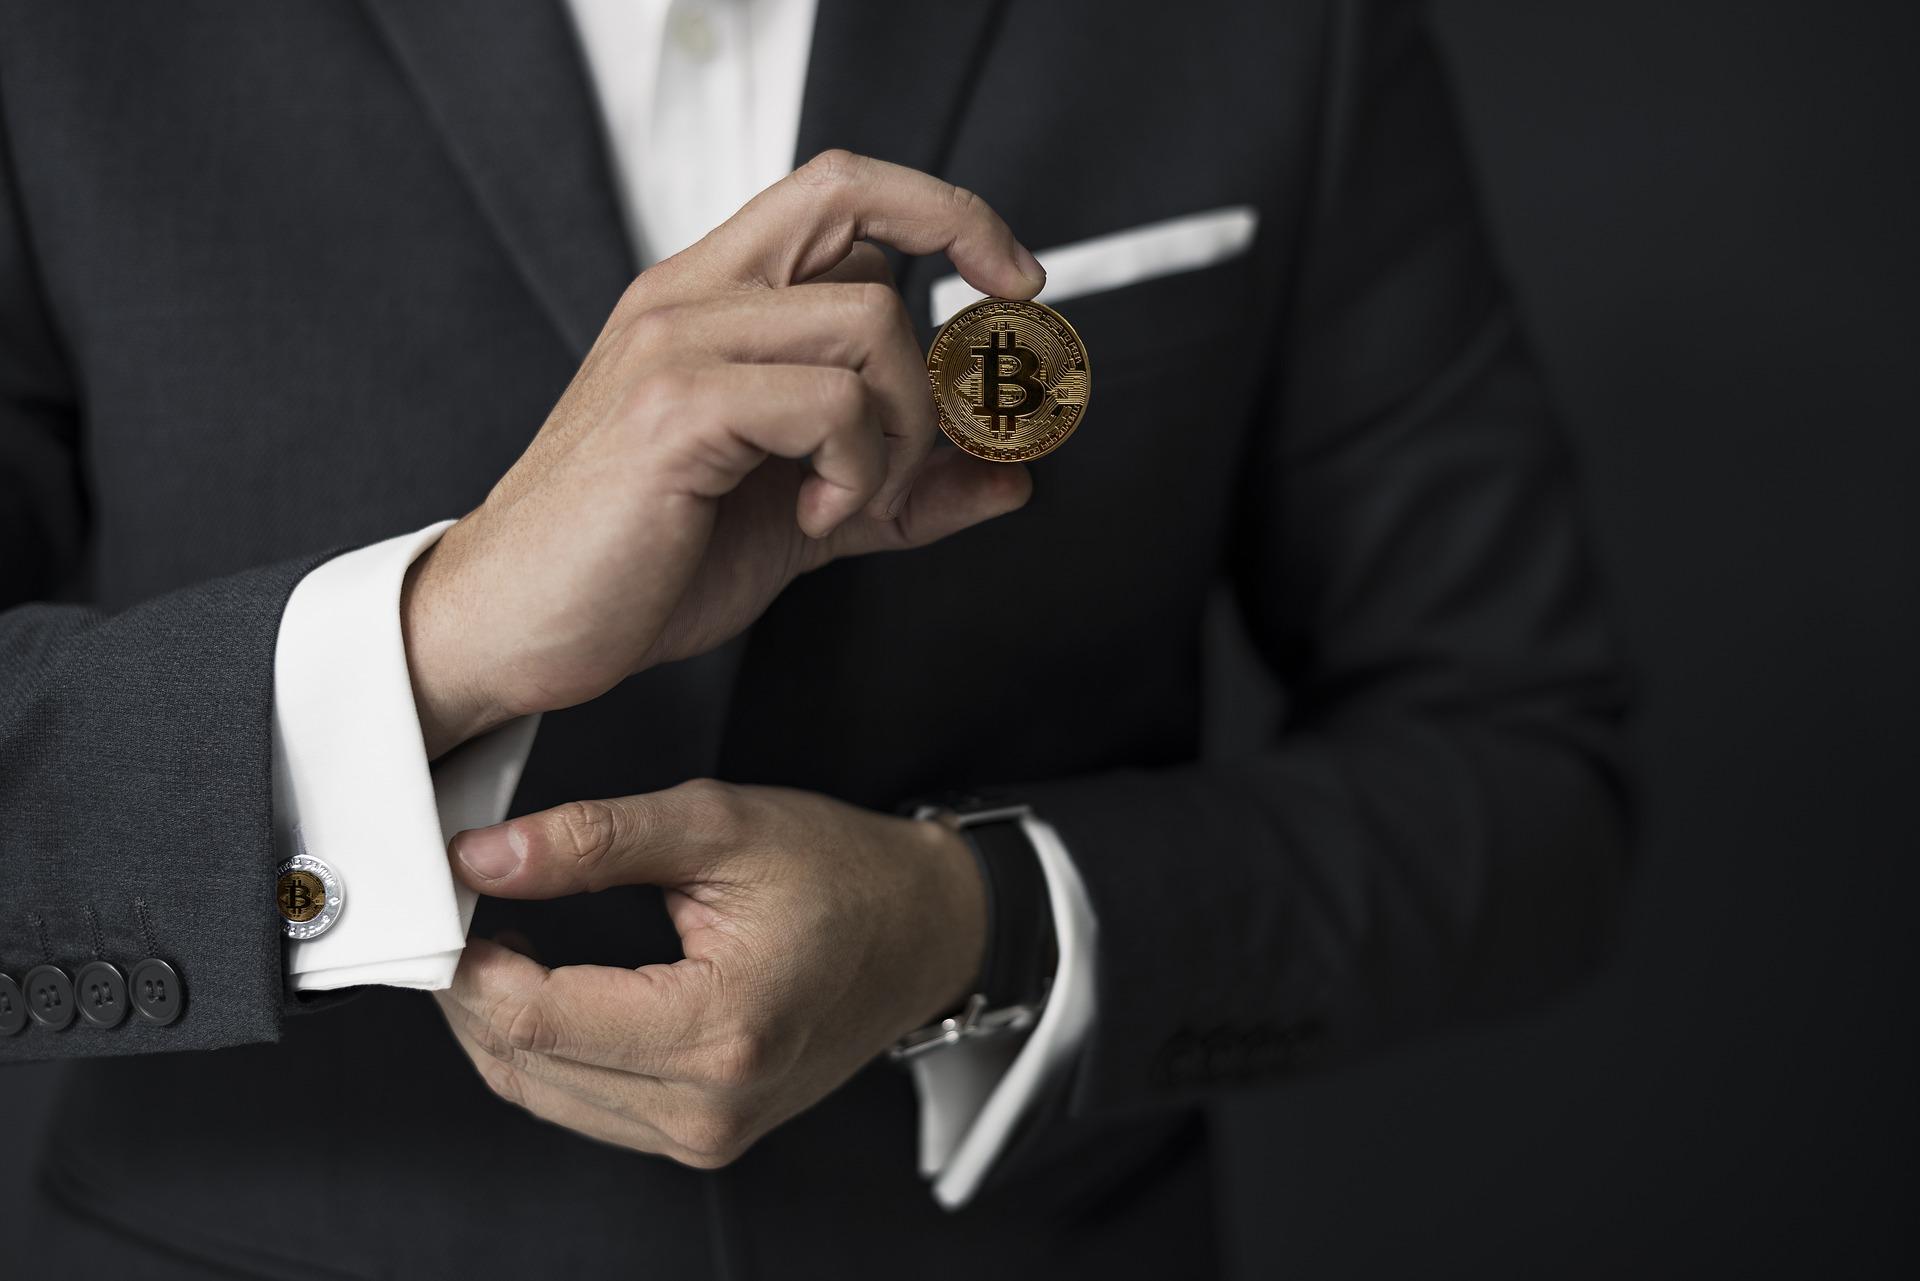 Brazilian Fintechs show growing interest in blockchain technology